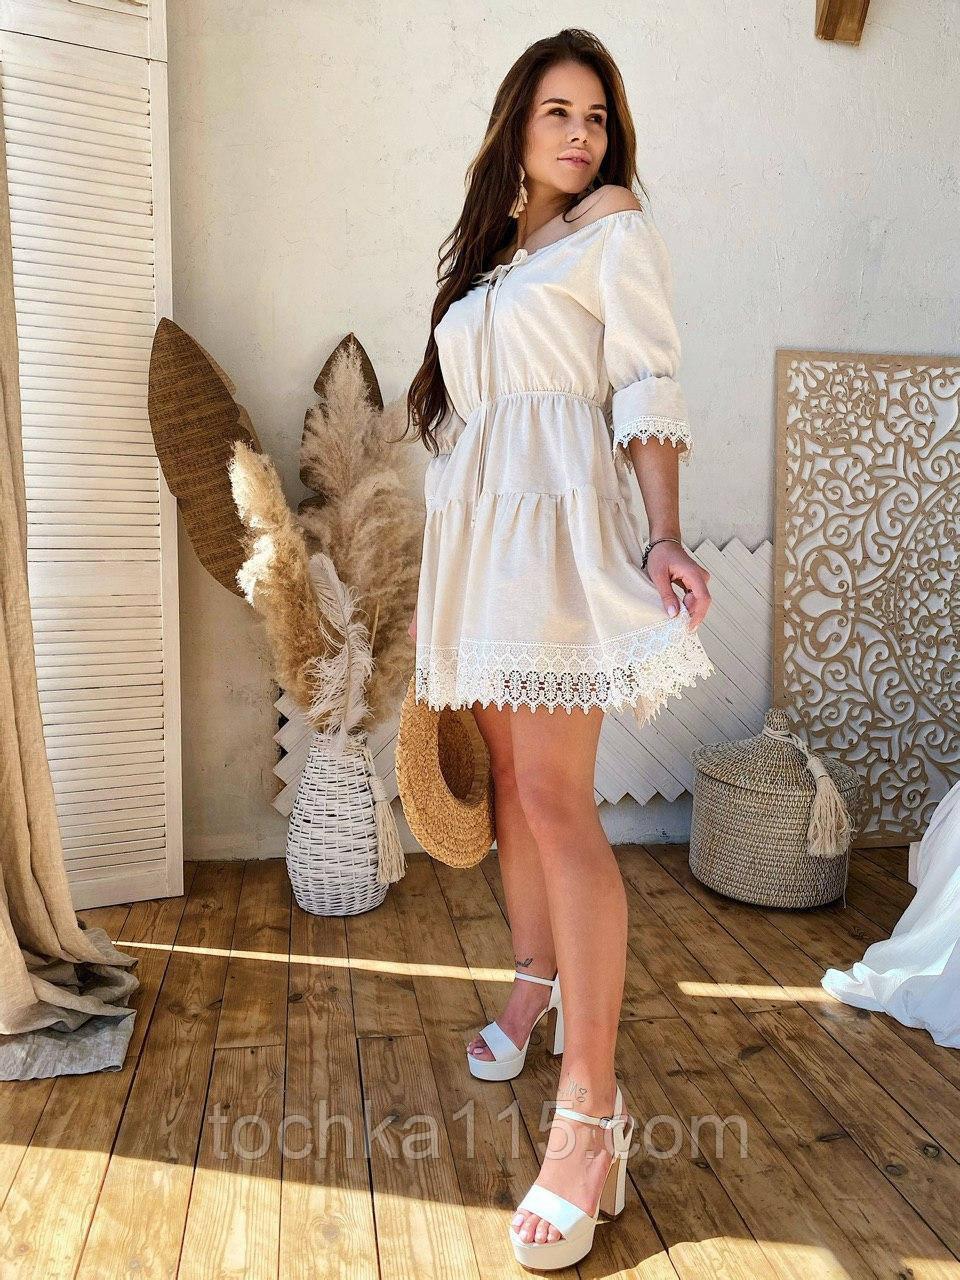 Модне плаття-селянка з натурального льону, декоровані натуральним бавовняним мереживом S/M/L (бежевий)